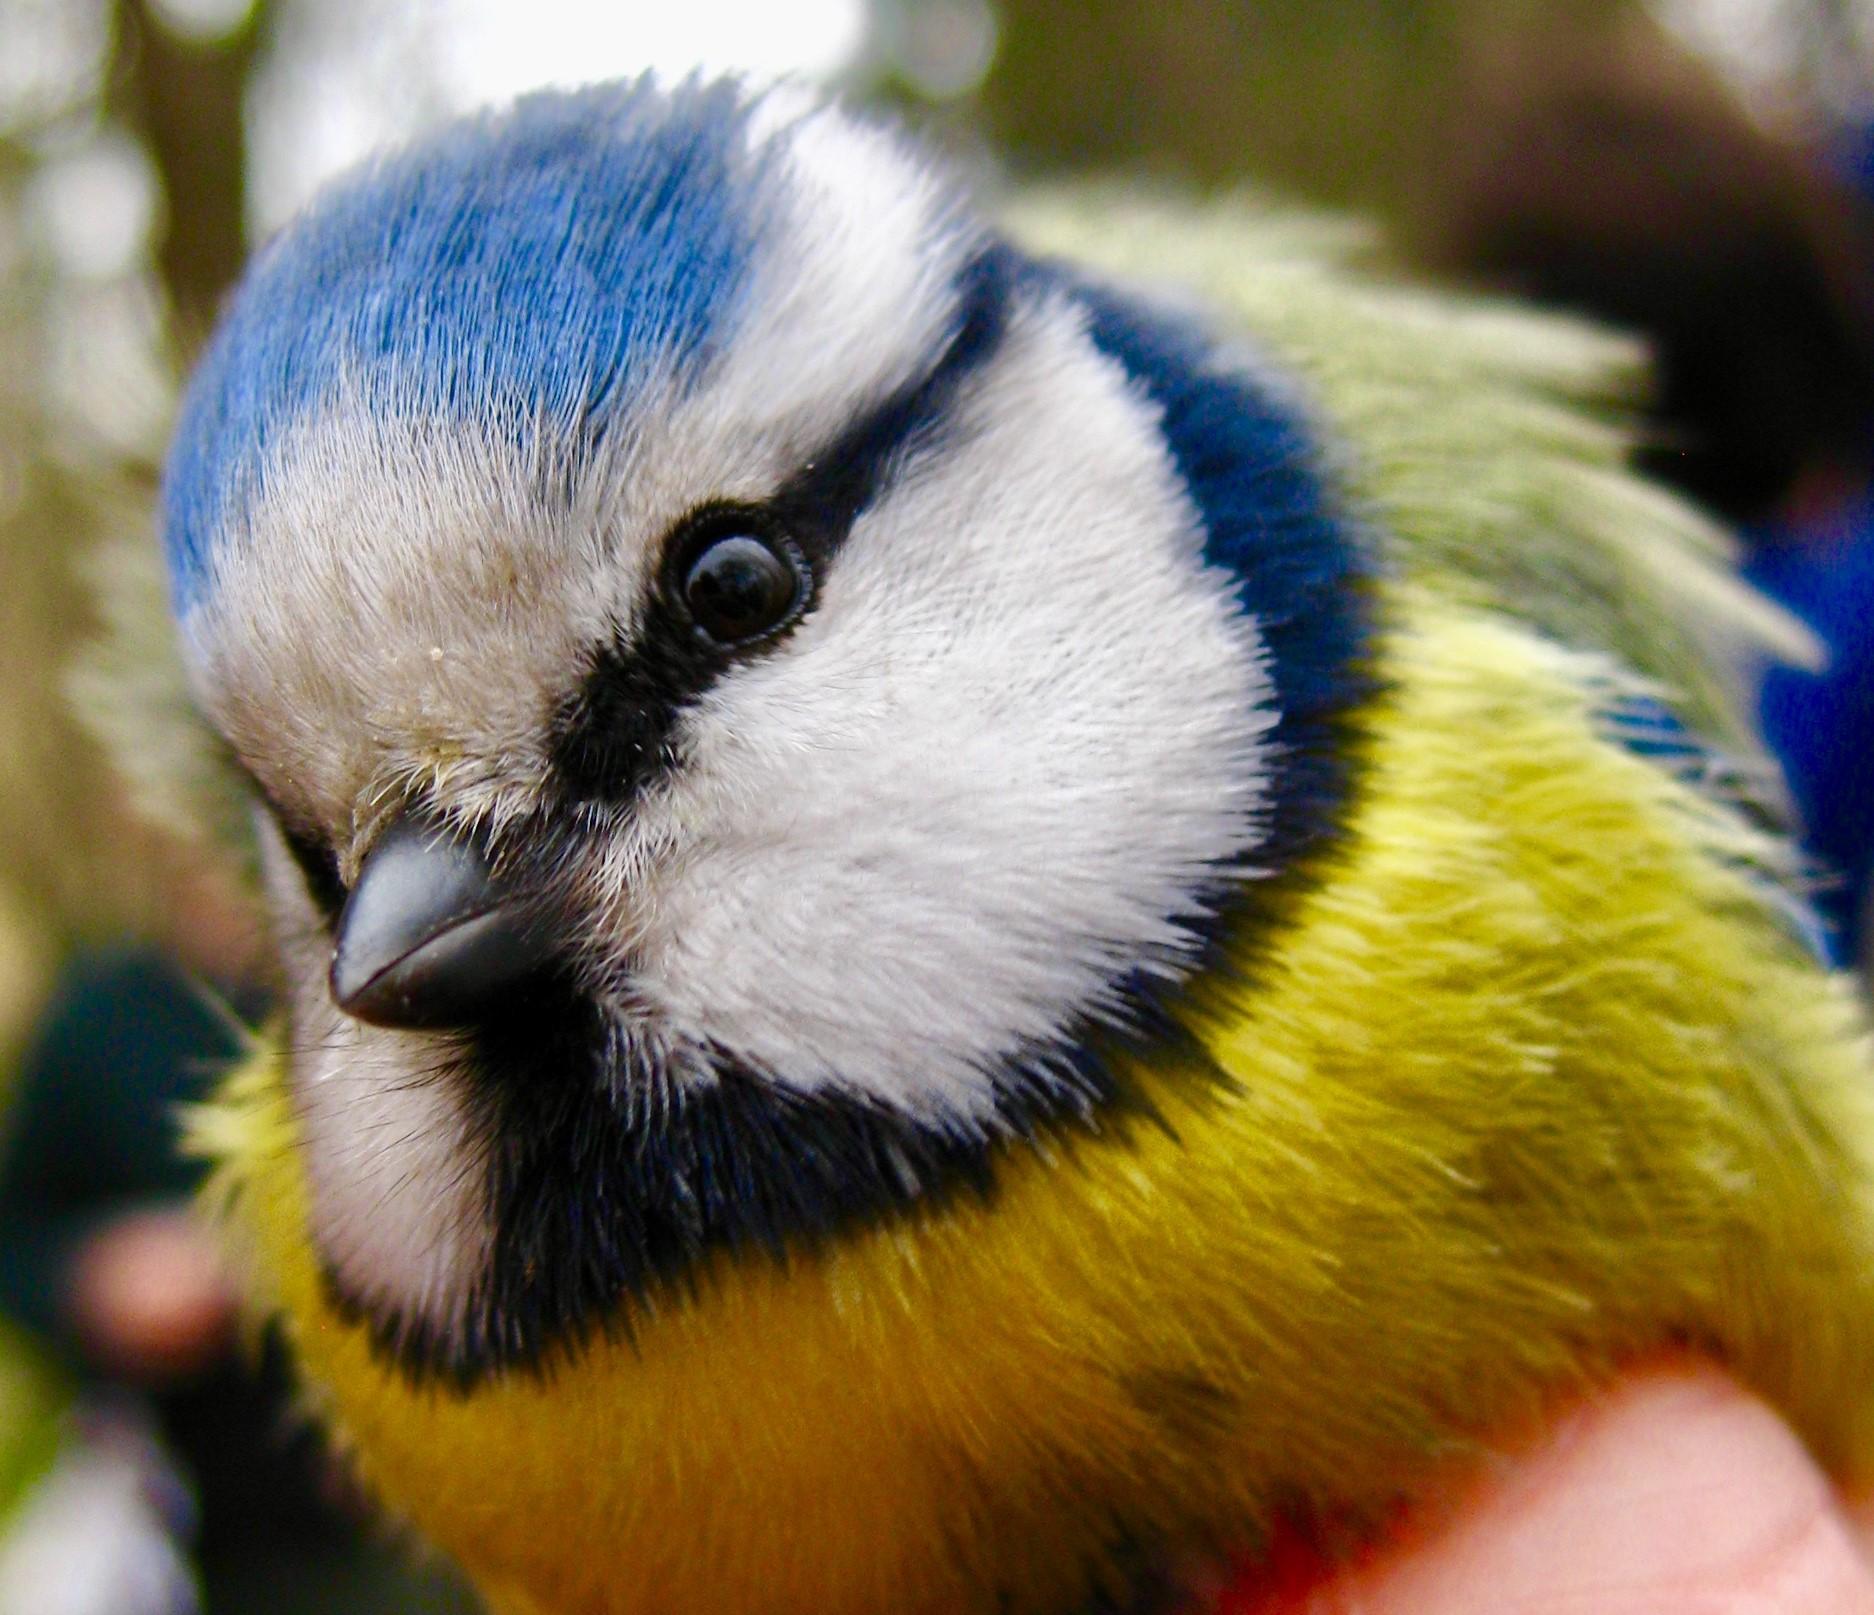 A blue tit (photo: Matt Cook)